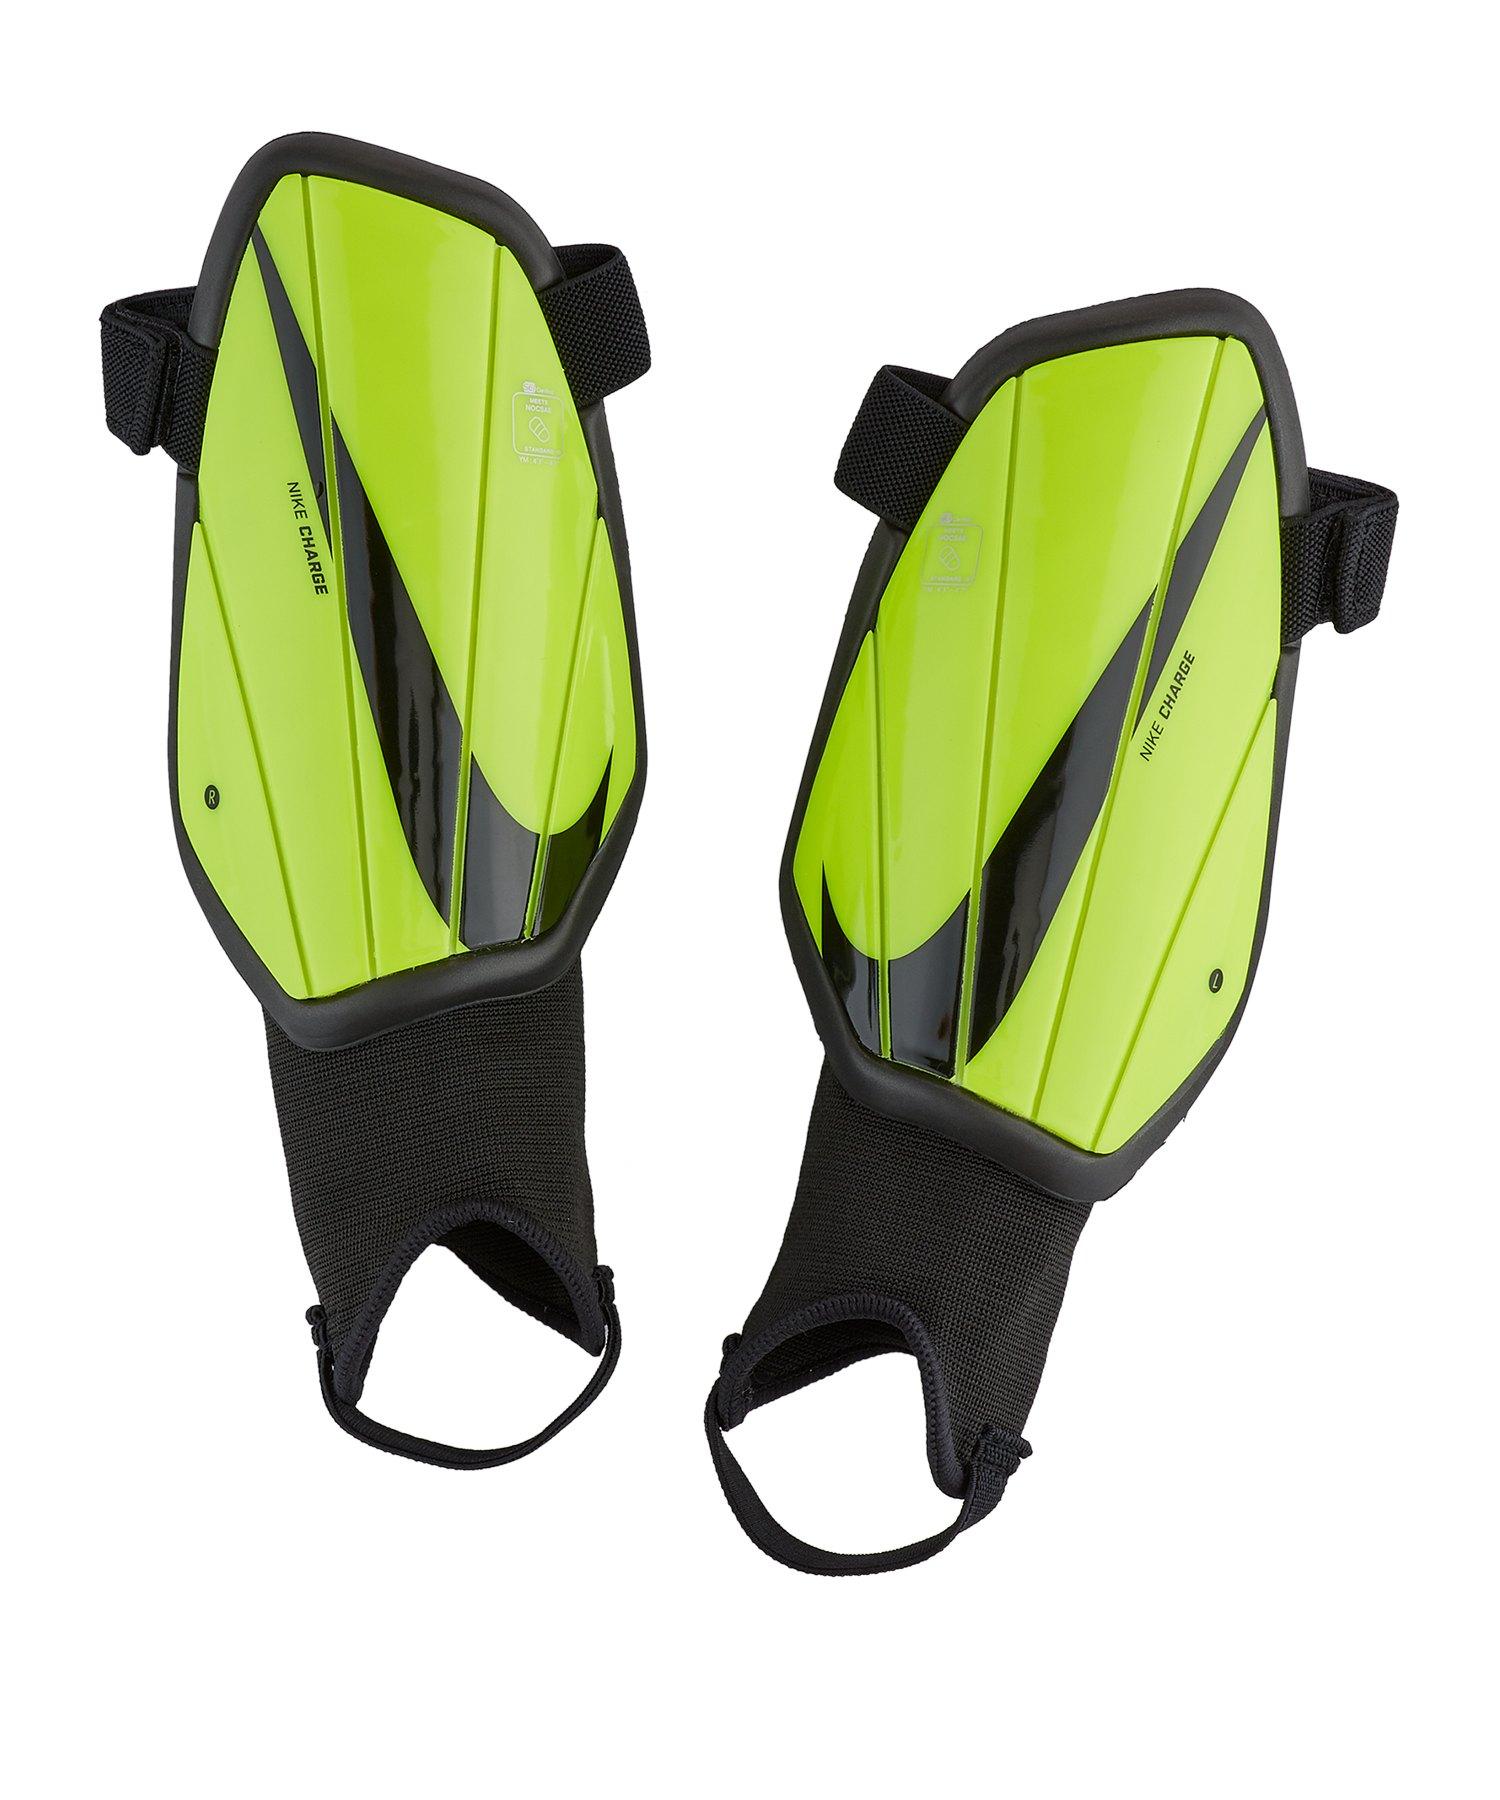 Nike Youth Charge Schienbeinschoner Kids F702 - Gelb